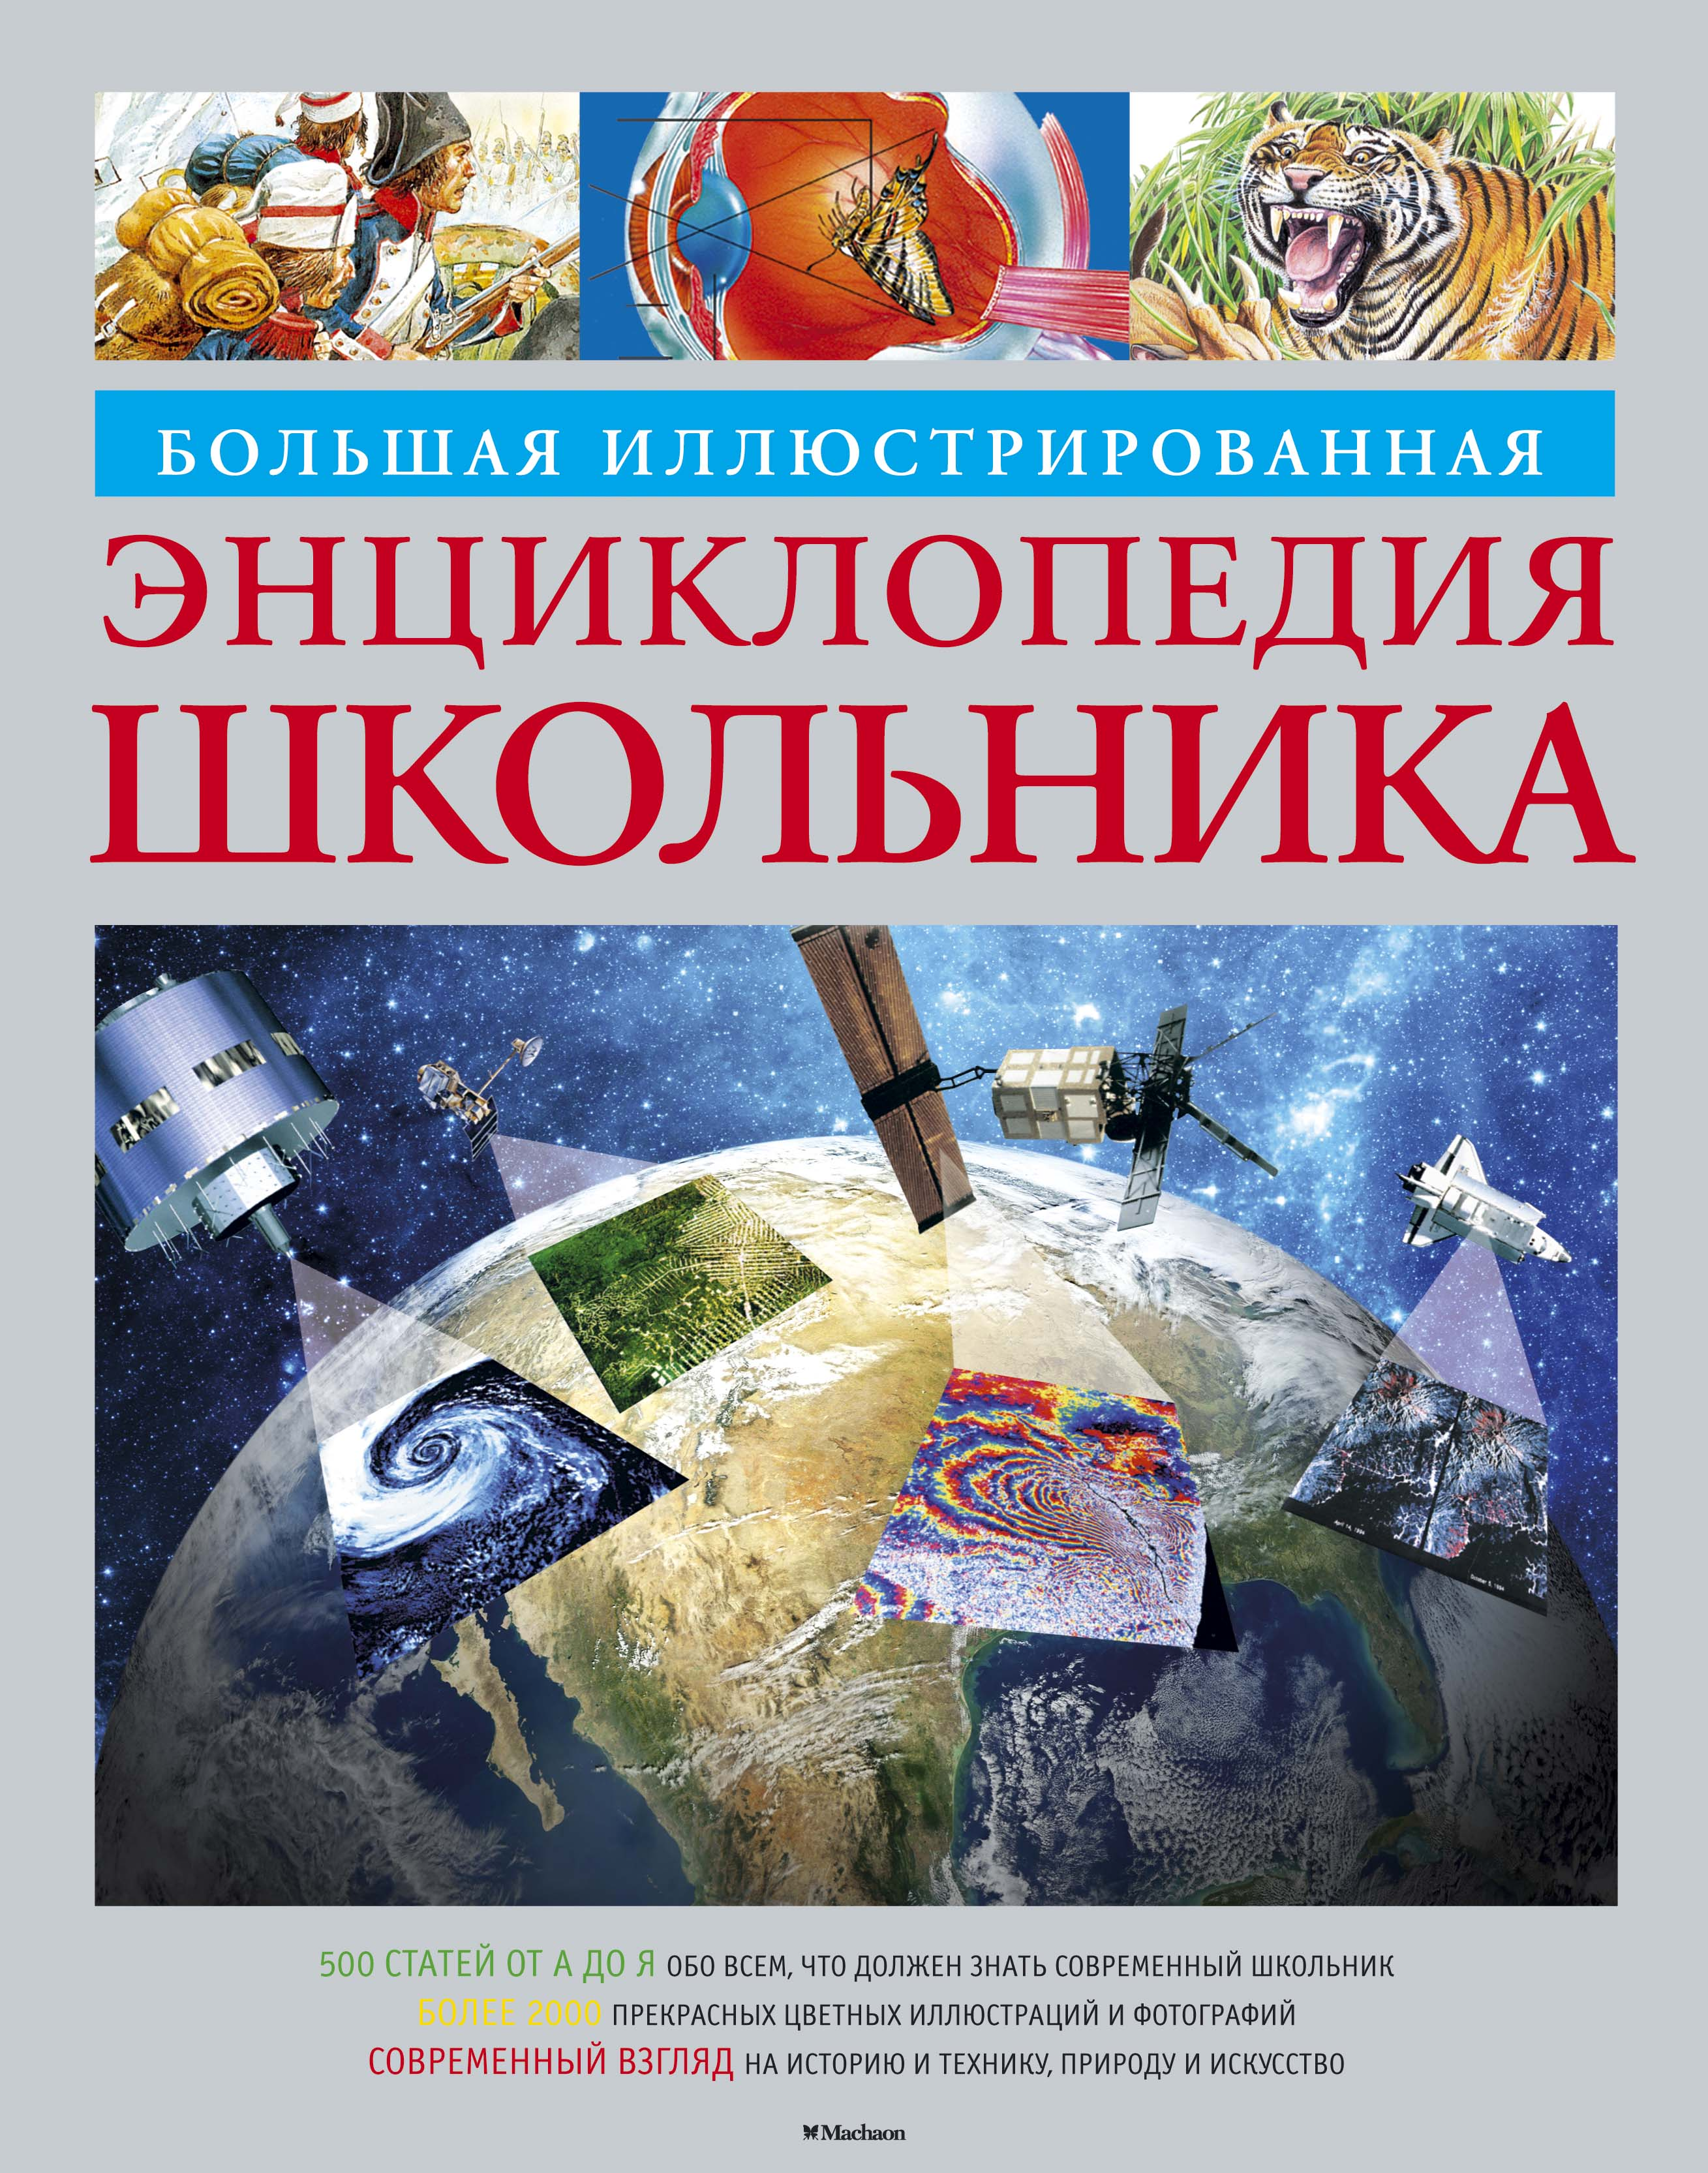 Большая иллюстрированная энциклопедия школьника (нов.обл.*)